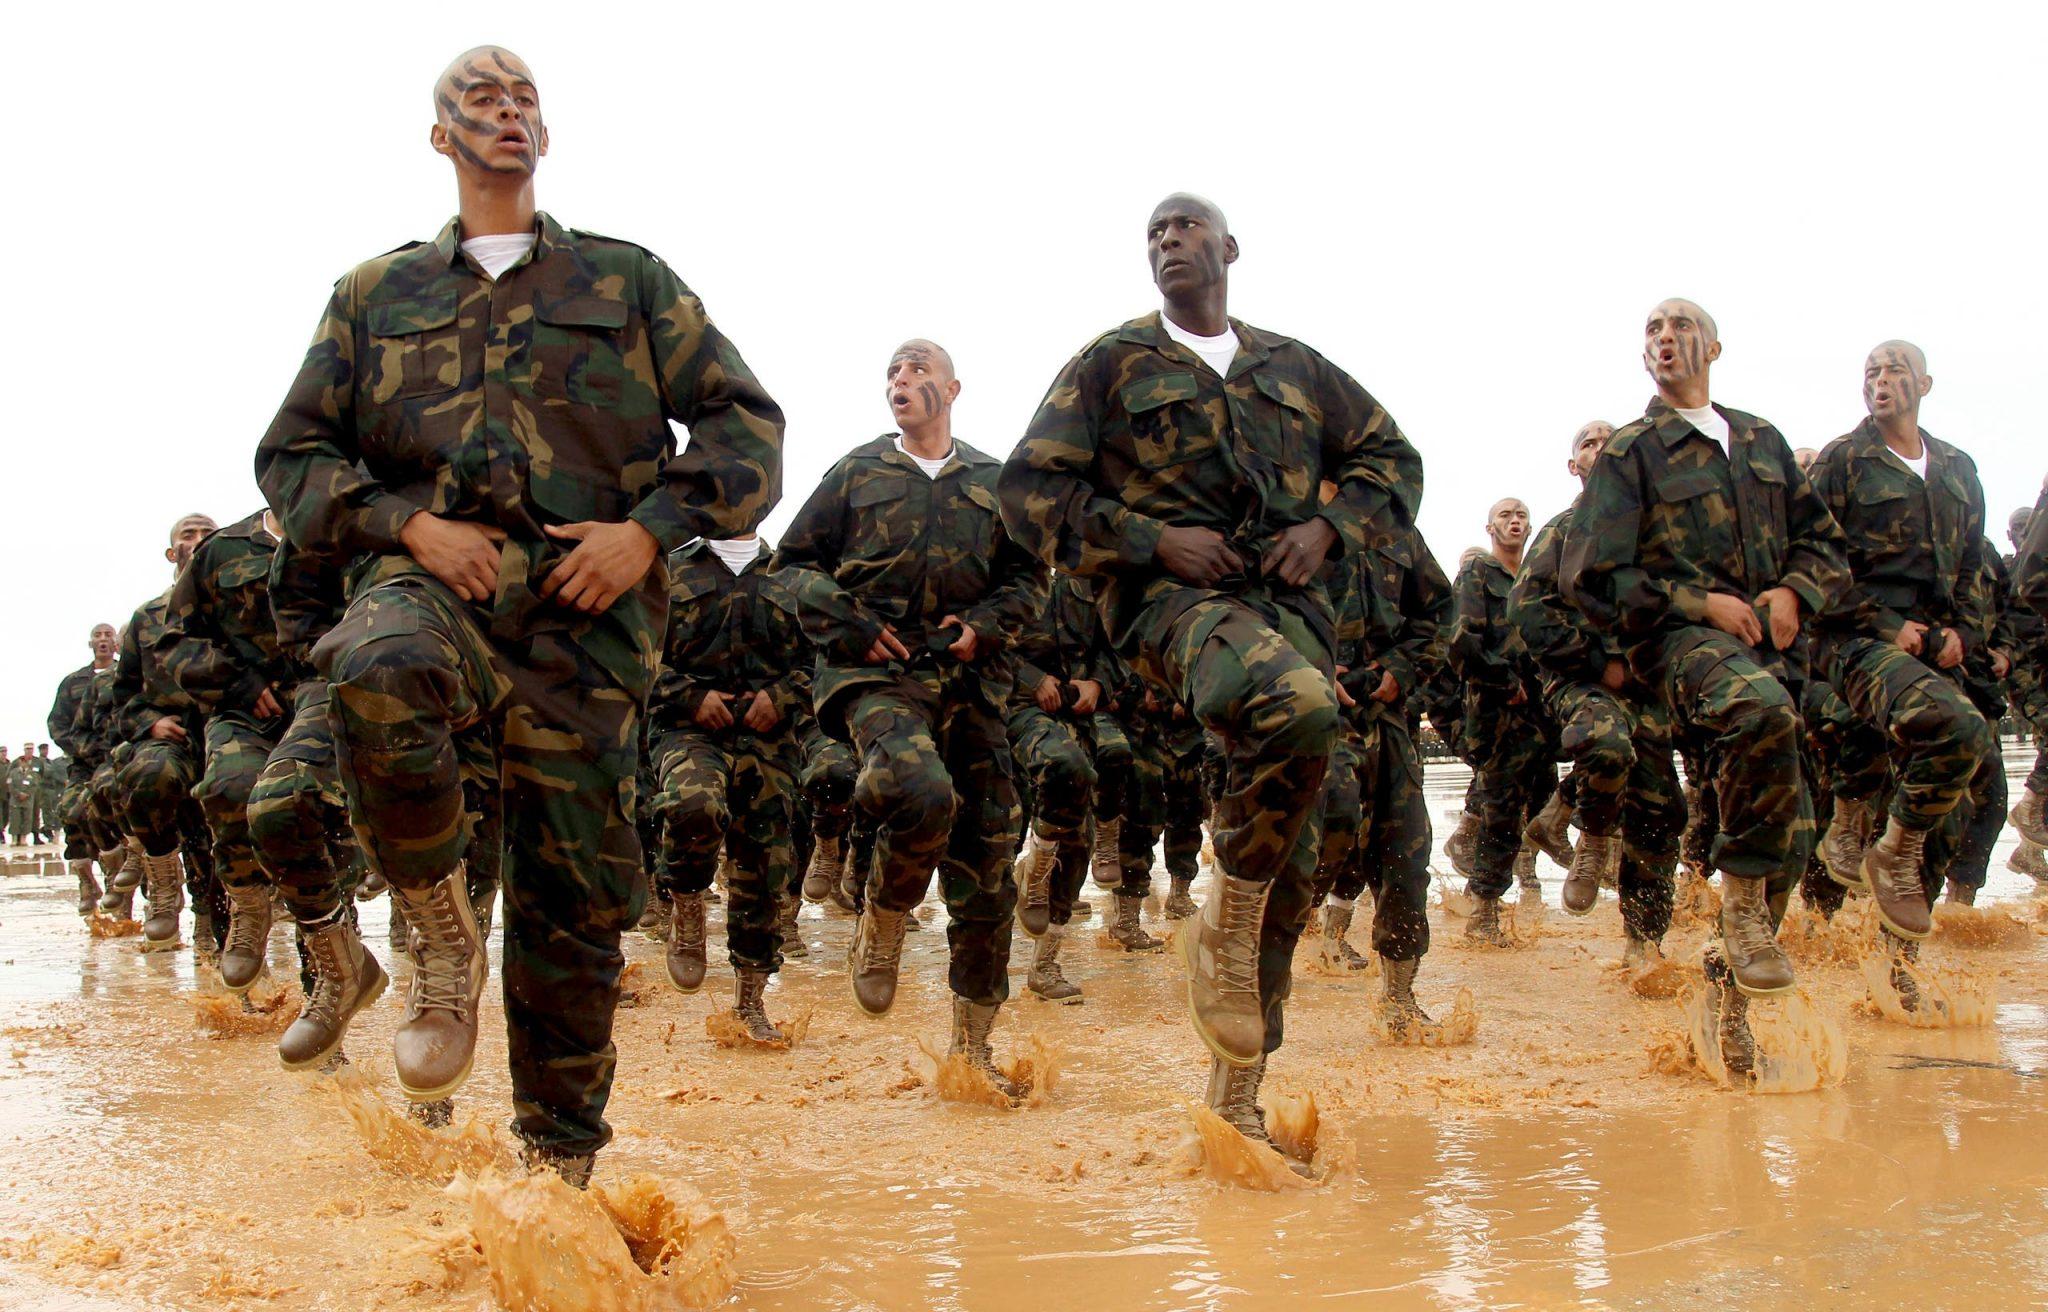 صورة خطوة عسكرية تركية كبرى ستغير الكثير